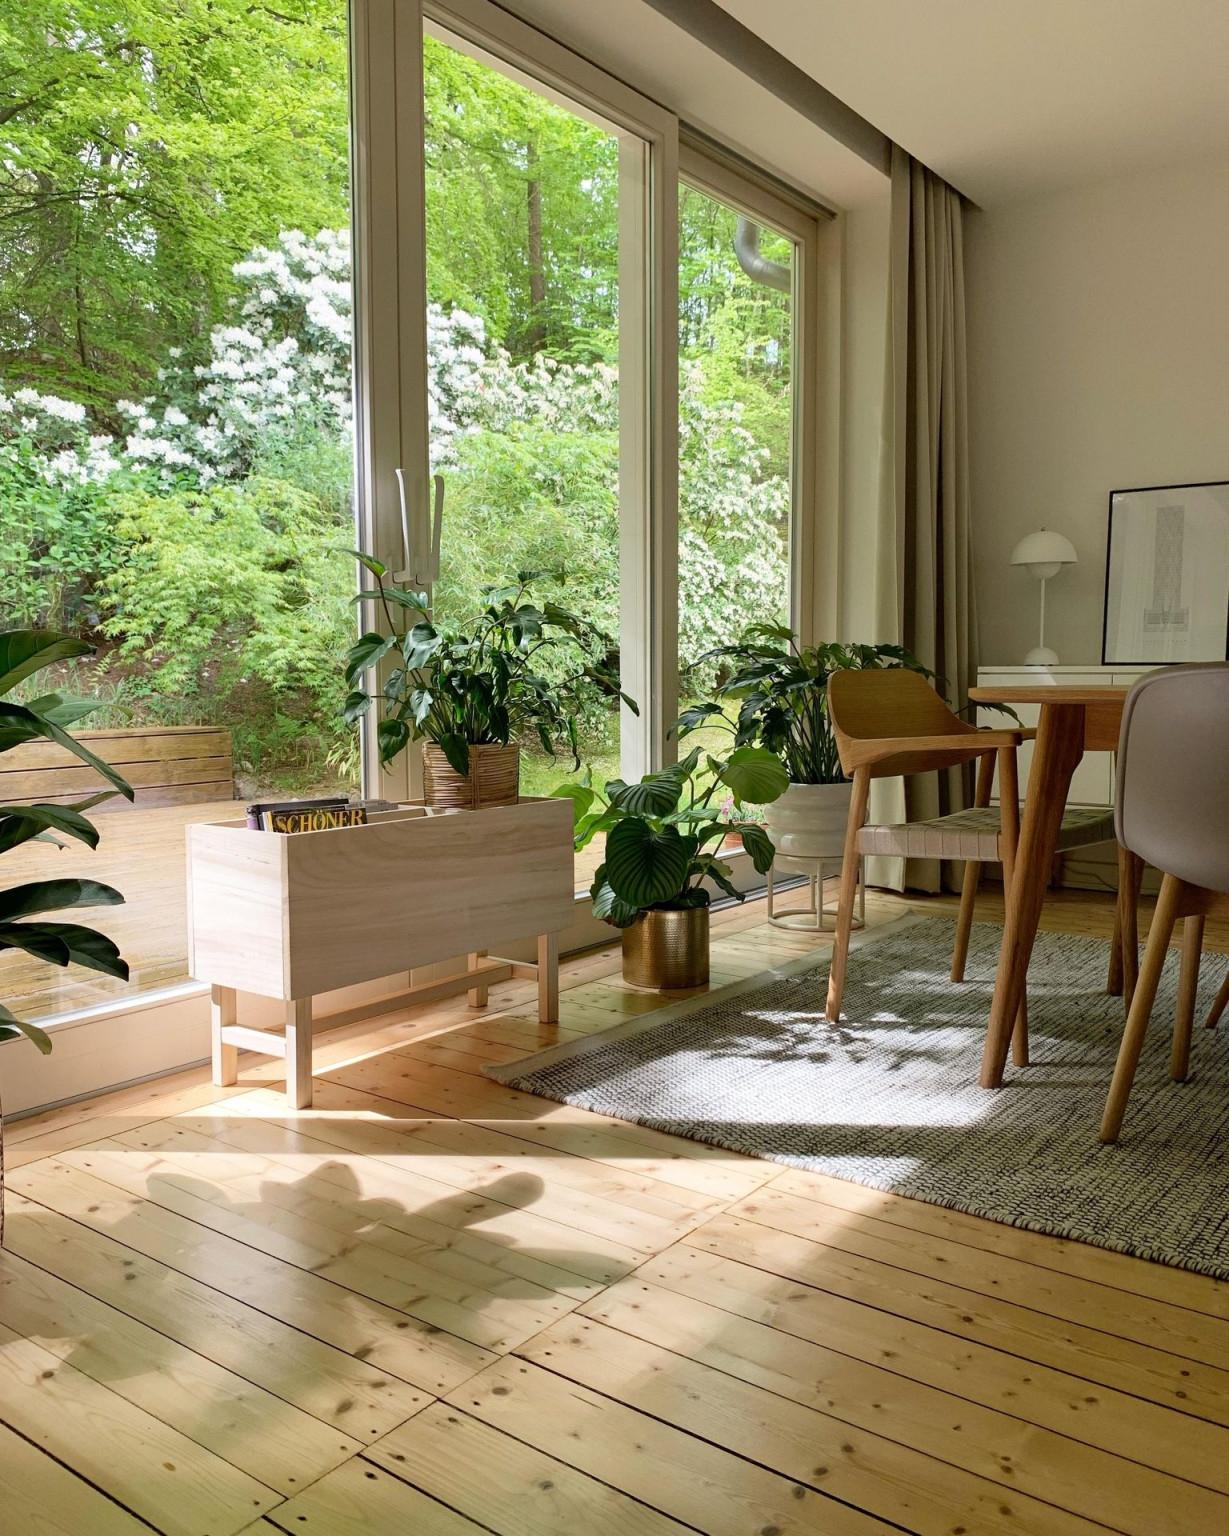 Bei Dekorationswut Ist Das Fenster Super Schön Dekoriert von Wohnzimmer Mit Fensterfront Einrichten Photo